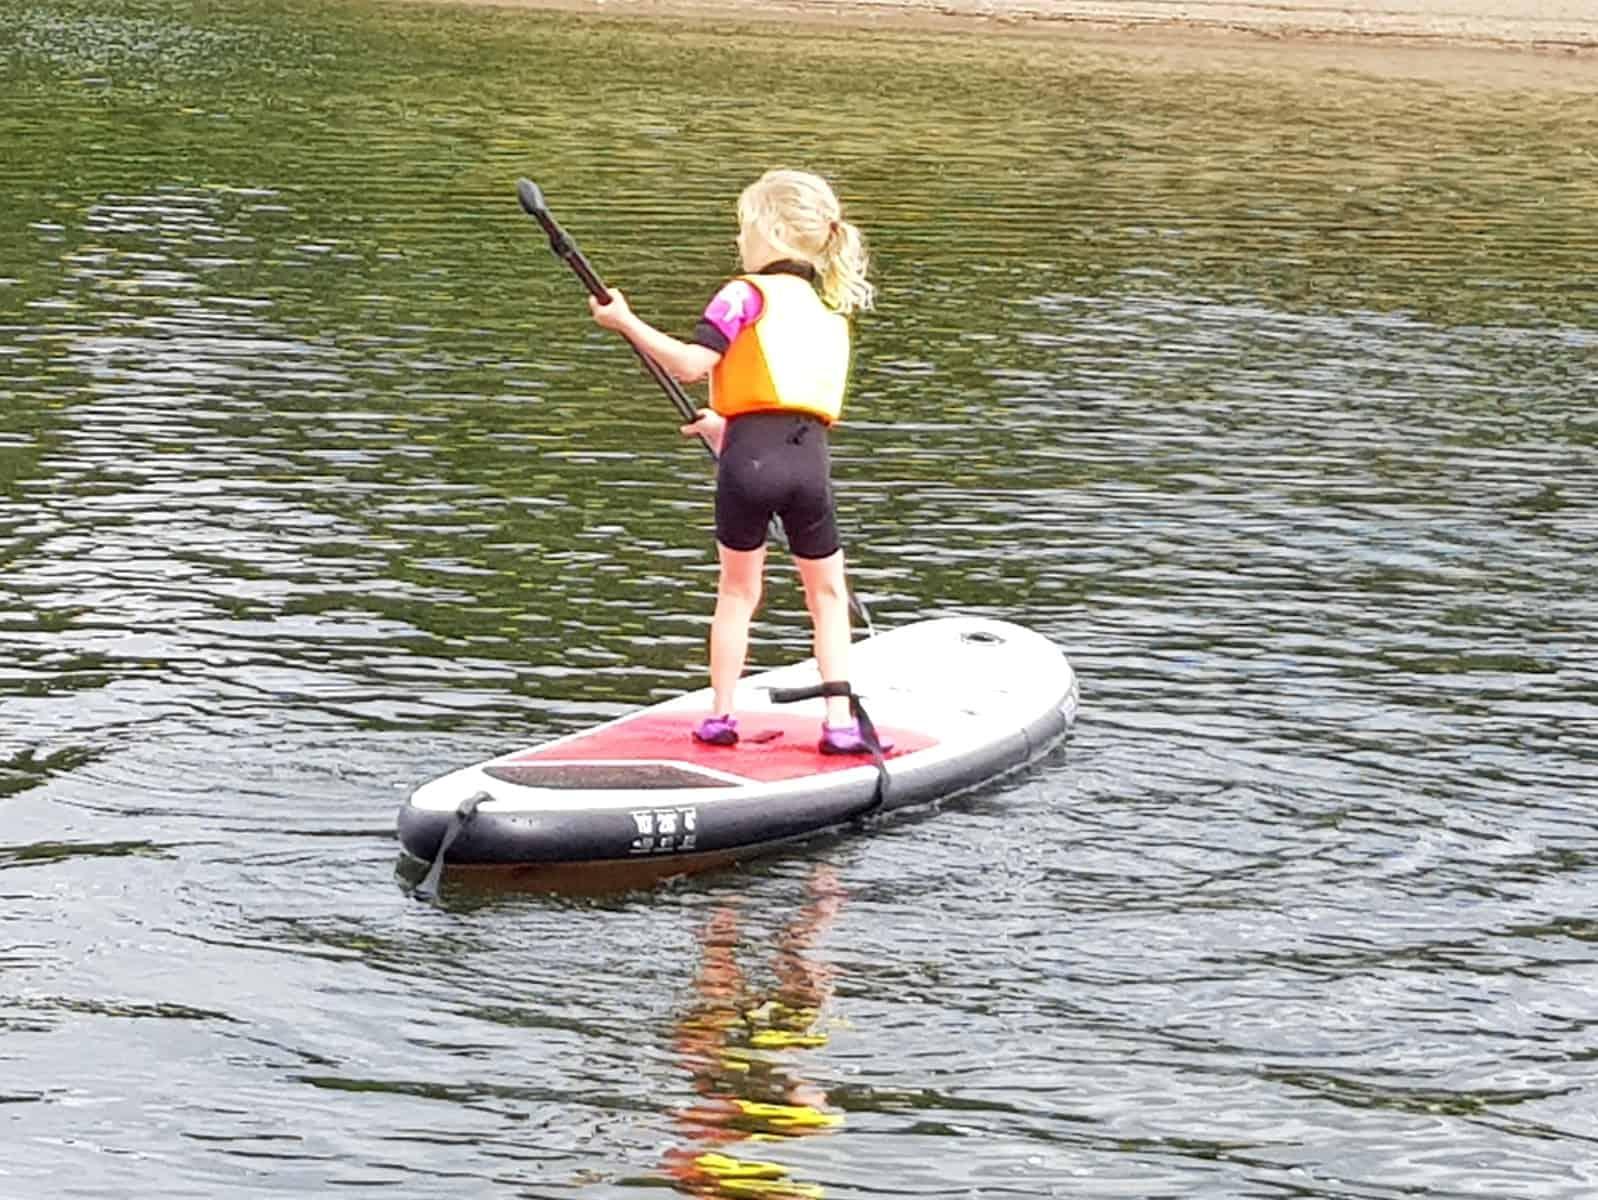 Hoburne Blue Anchor little girl on SUP at Wimbleball Lake